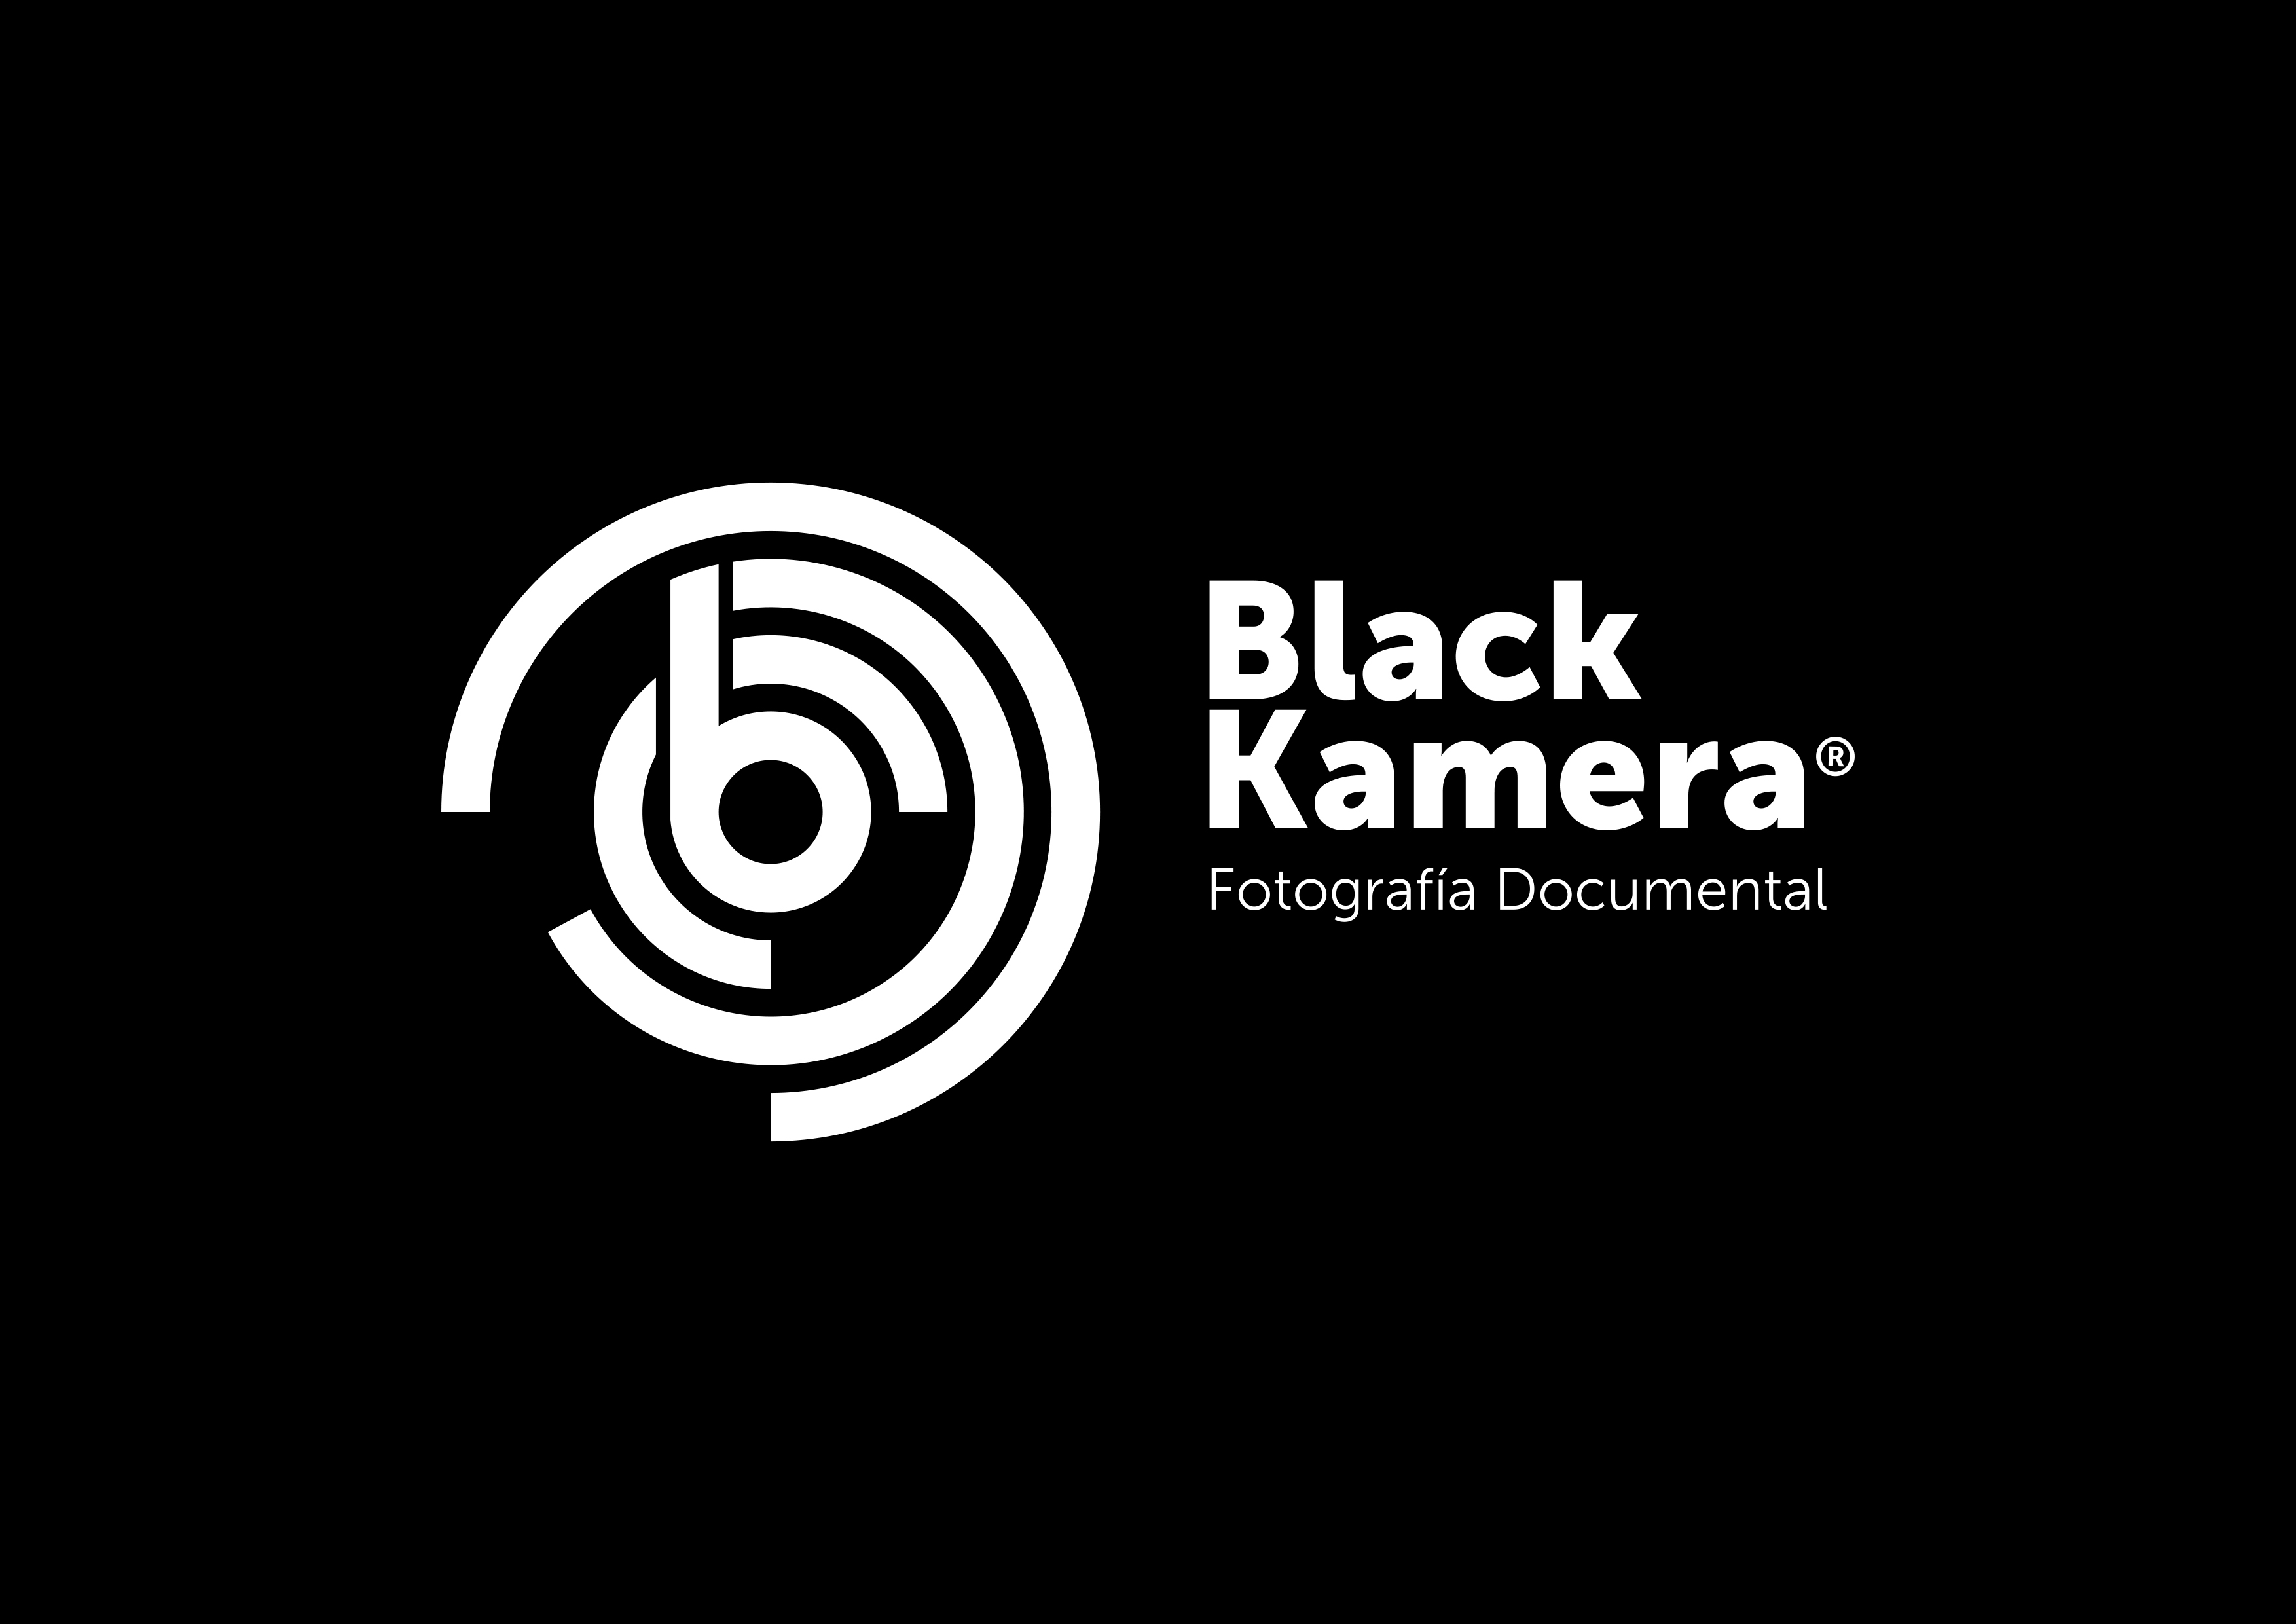 """Blackkamera galardonada con """" La Baldosa Bilbao """"."""